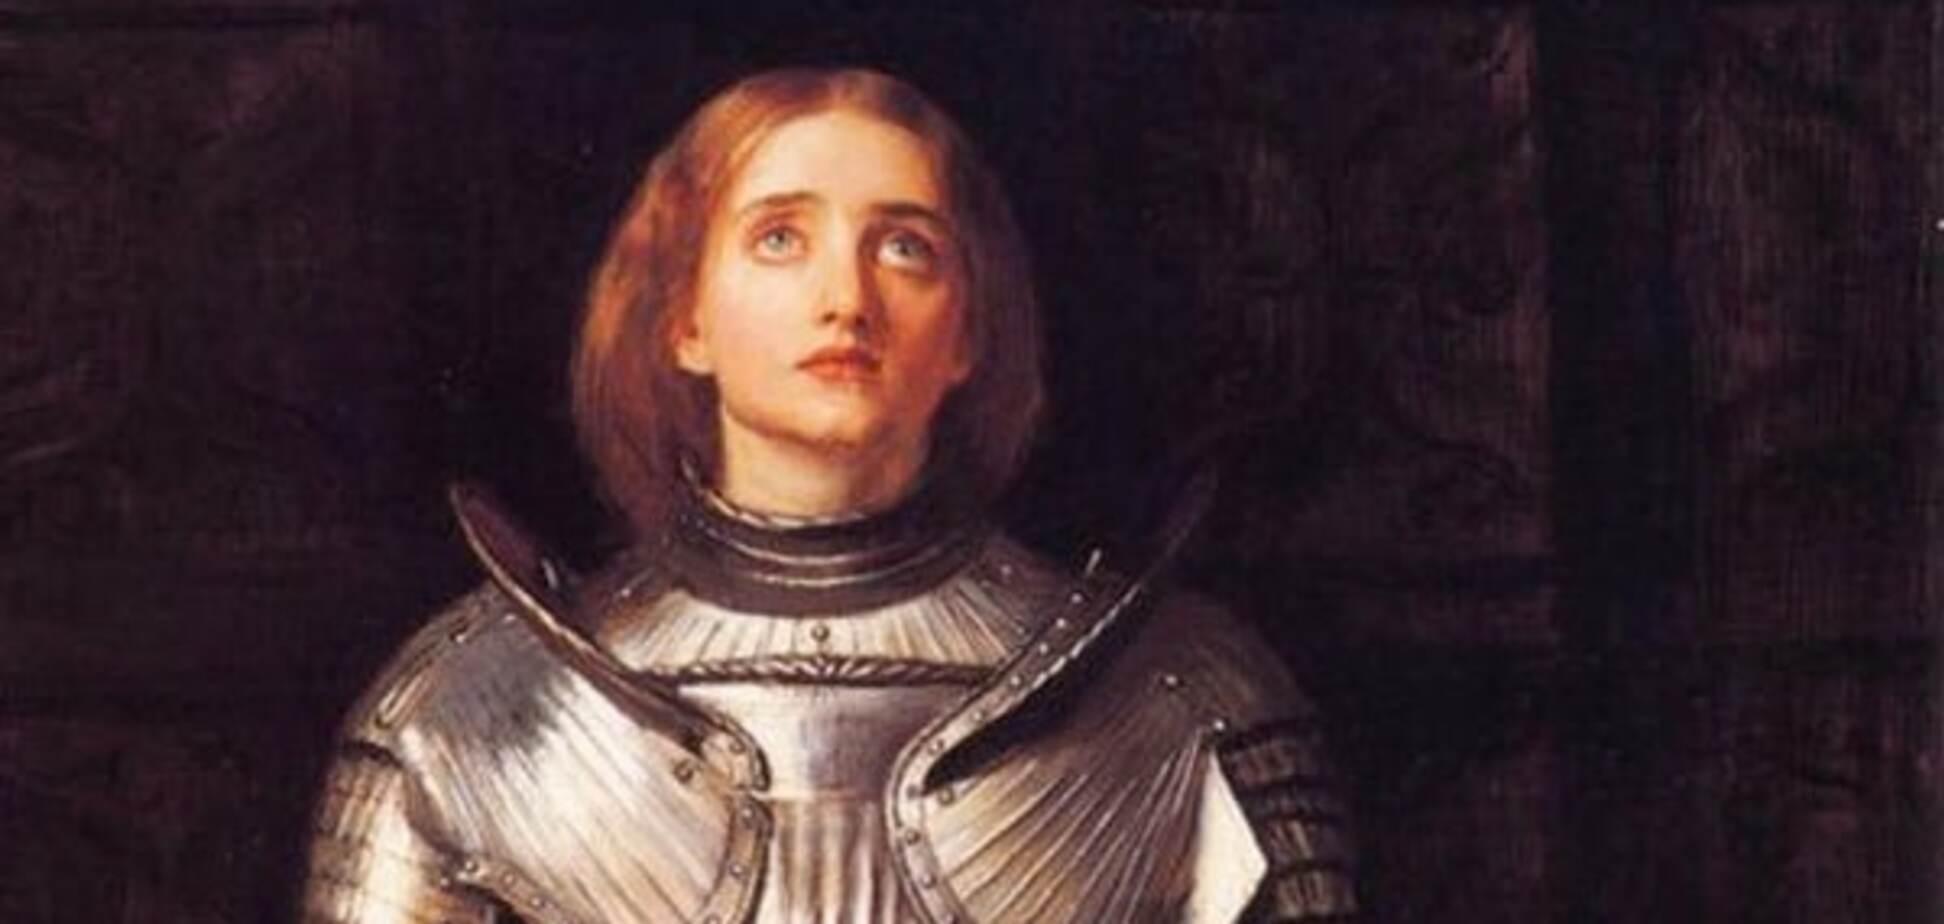 Галлюцинации Жанны д'Арк: ученые раскрыли тайну голосов в голове орлеанской девы